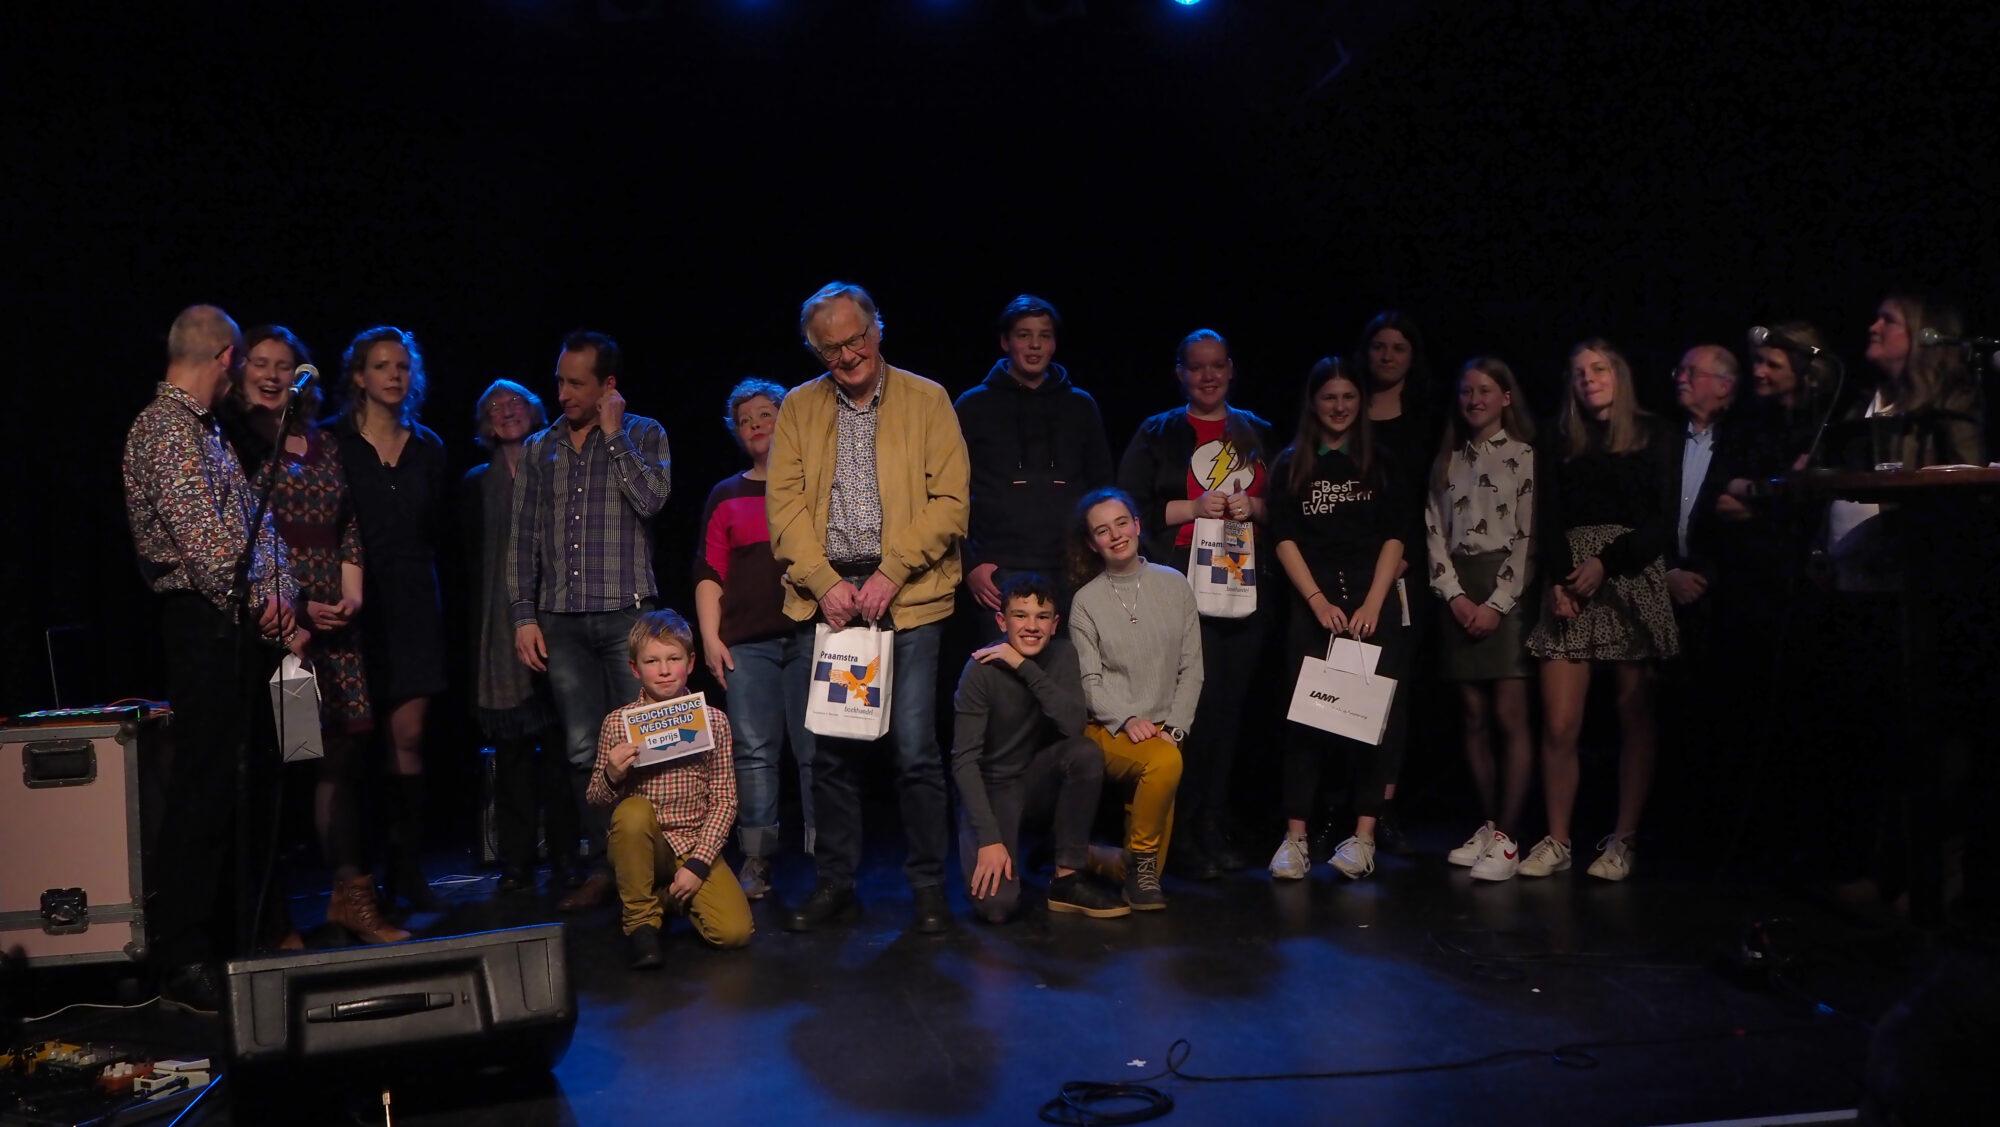 Niels Hartvelt en Lizzy Wagenaar winnen gedichtenwedstrijd in Deventer